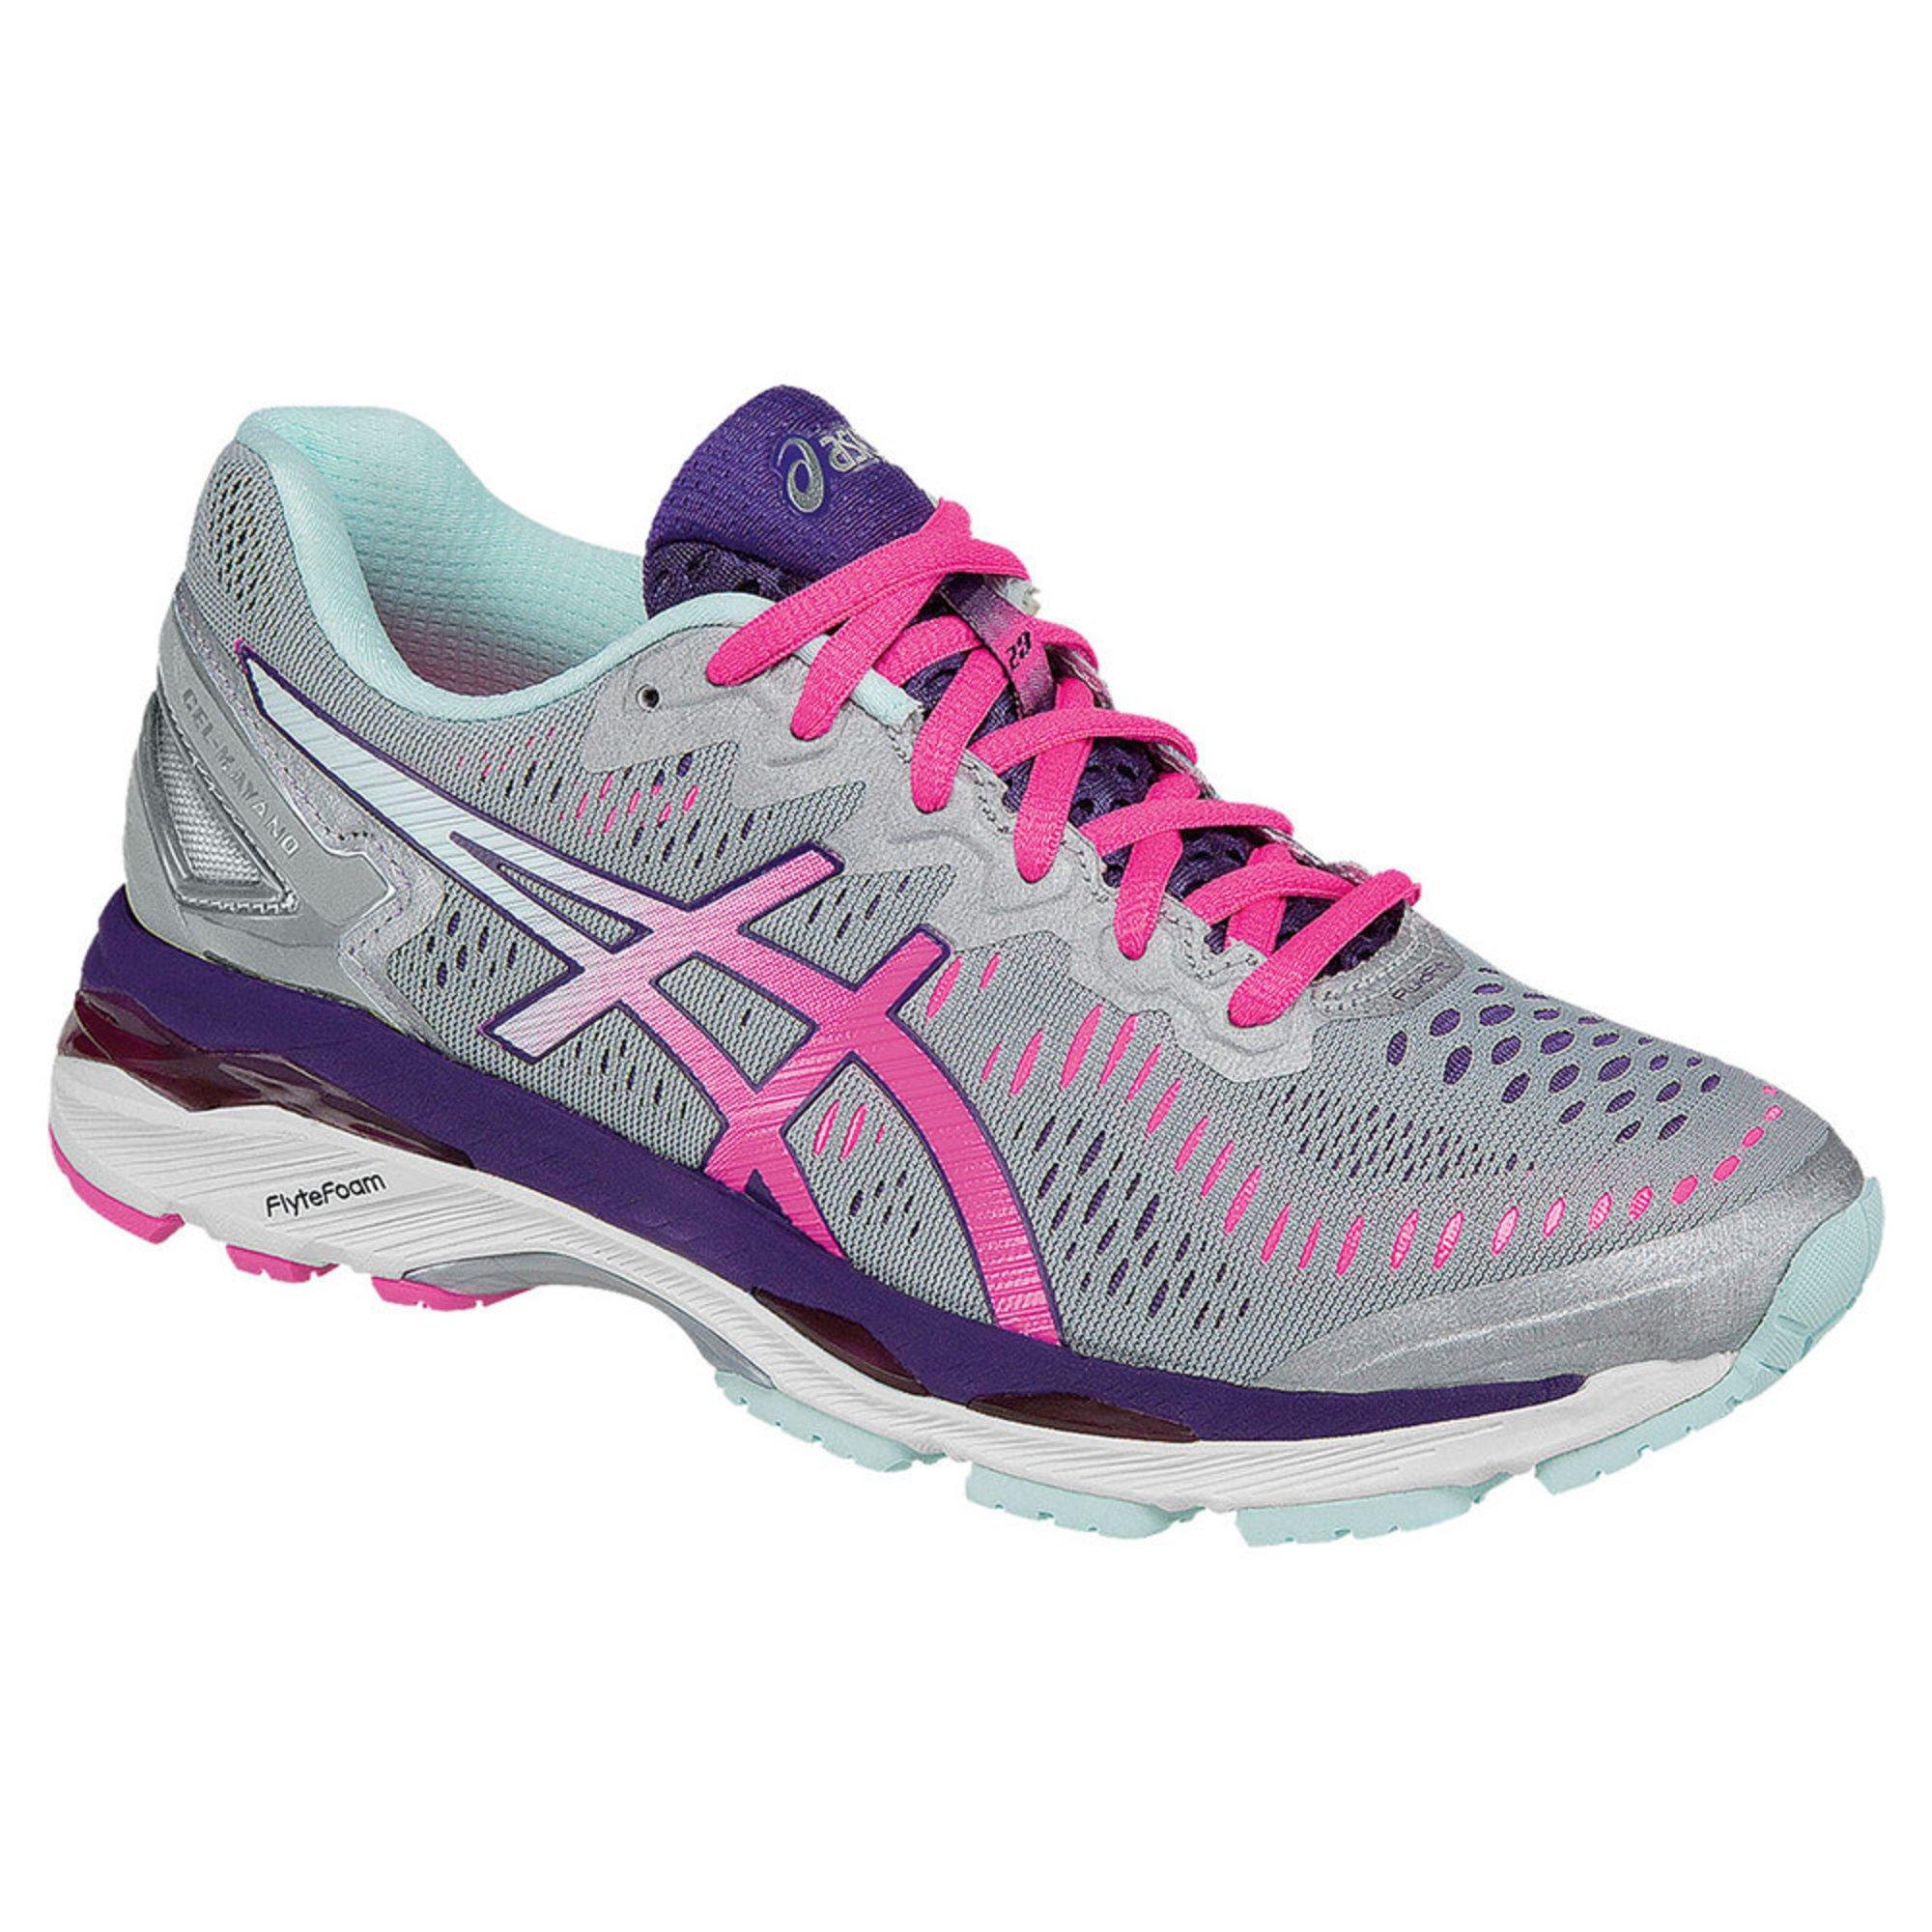 Asics. Asics Gel-Kayano 23 Women's Running Shoe Silver / Pink ...